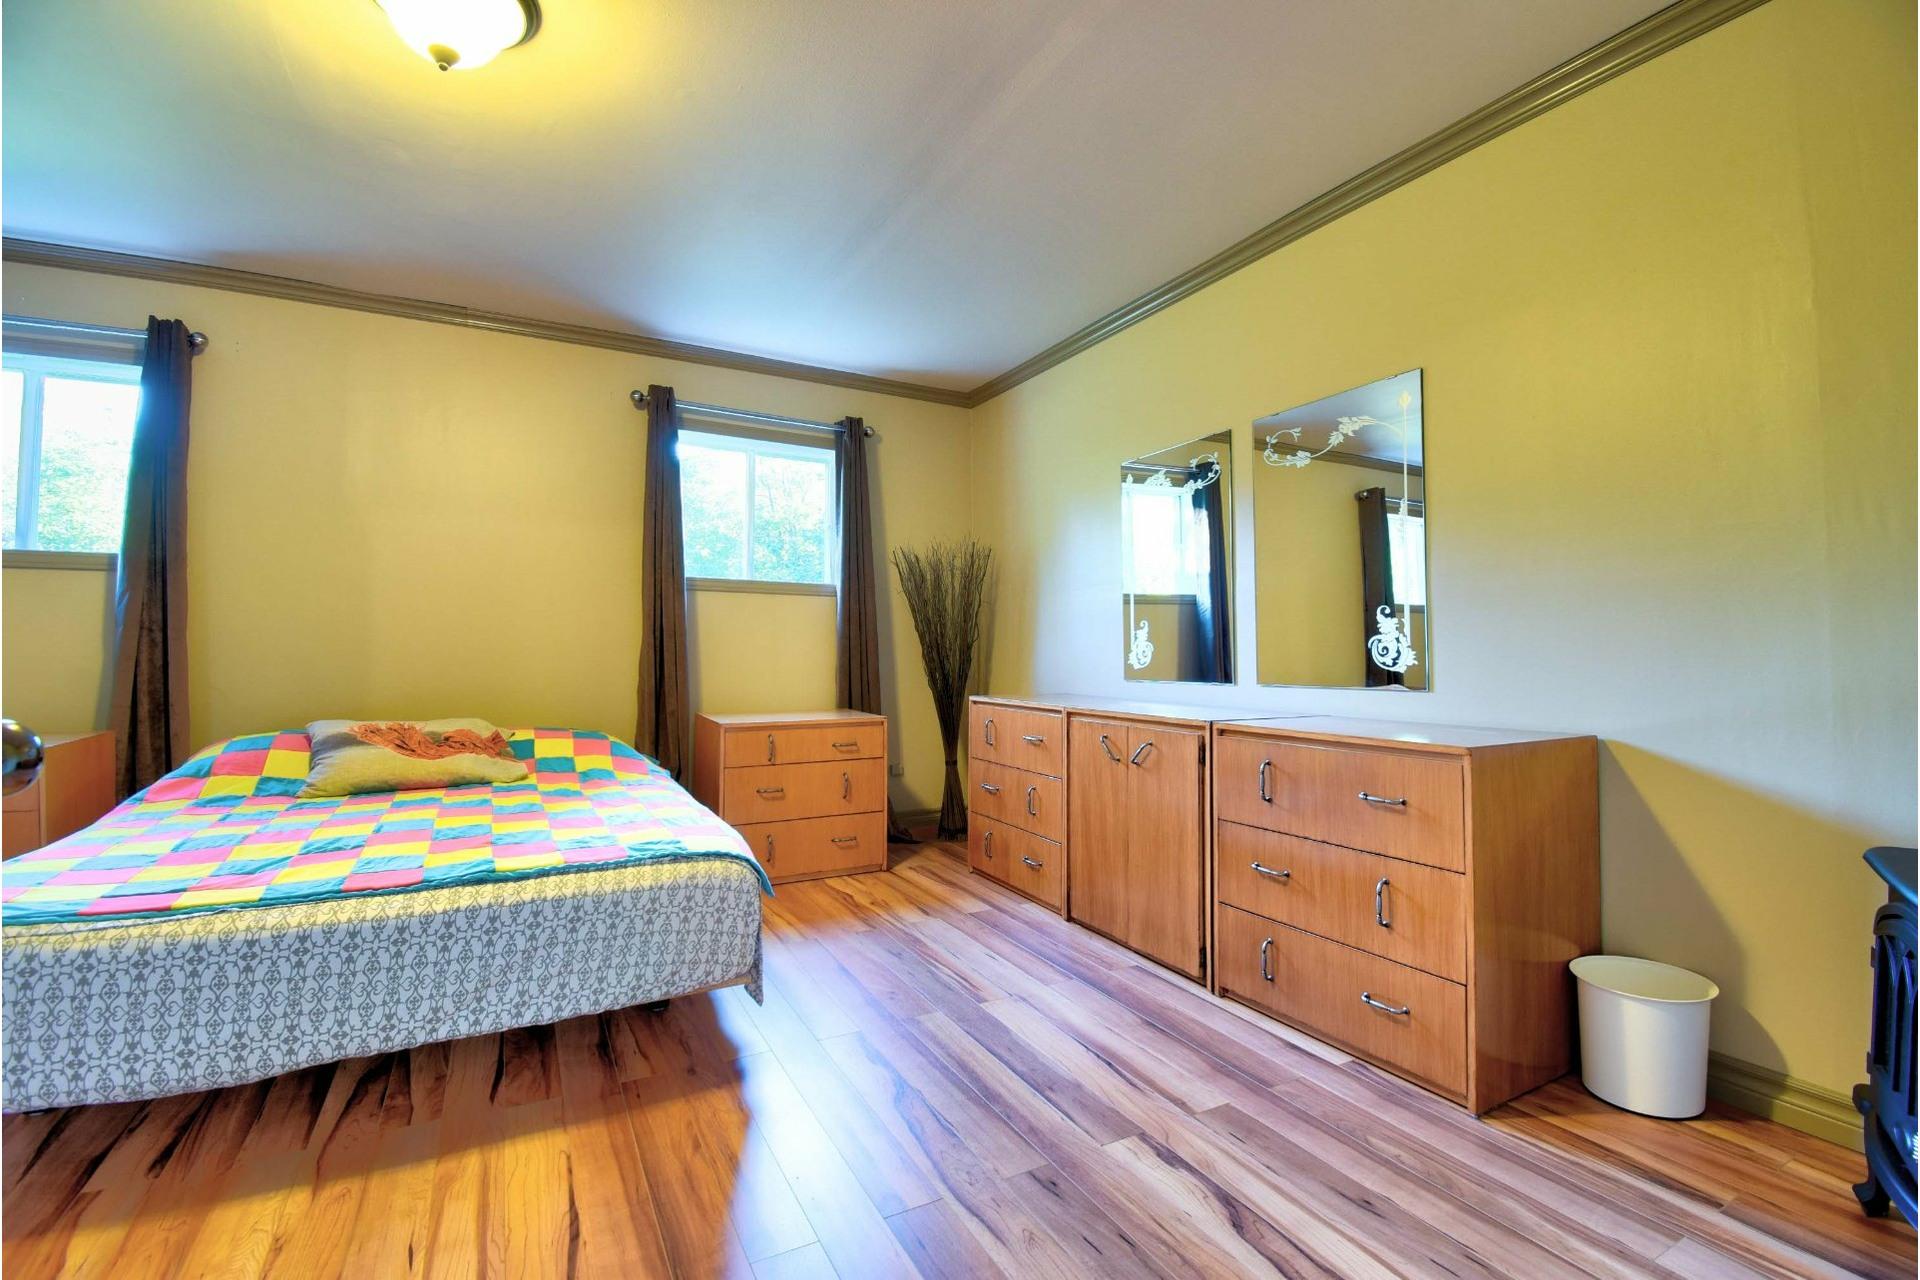 image 17 - House For sale Trois-Rivières - 6 rooms